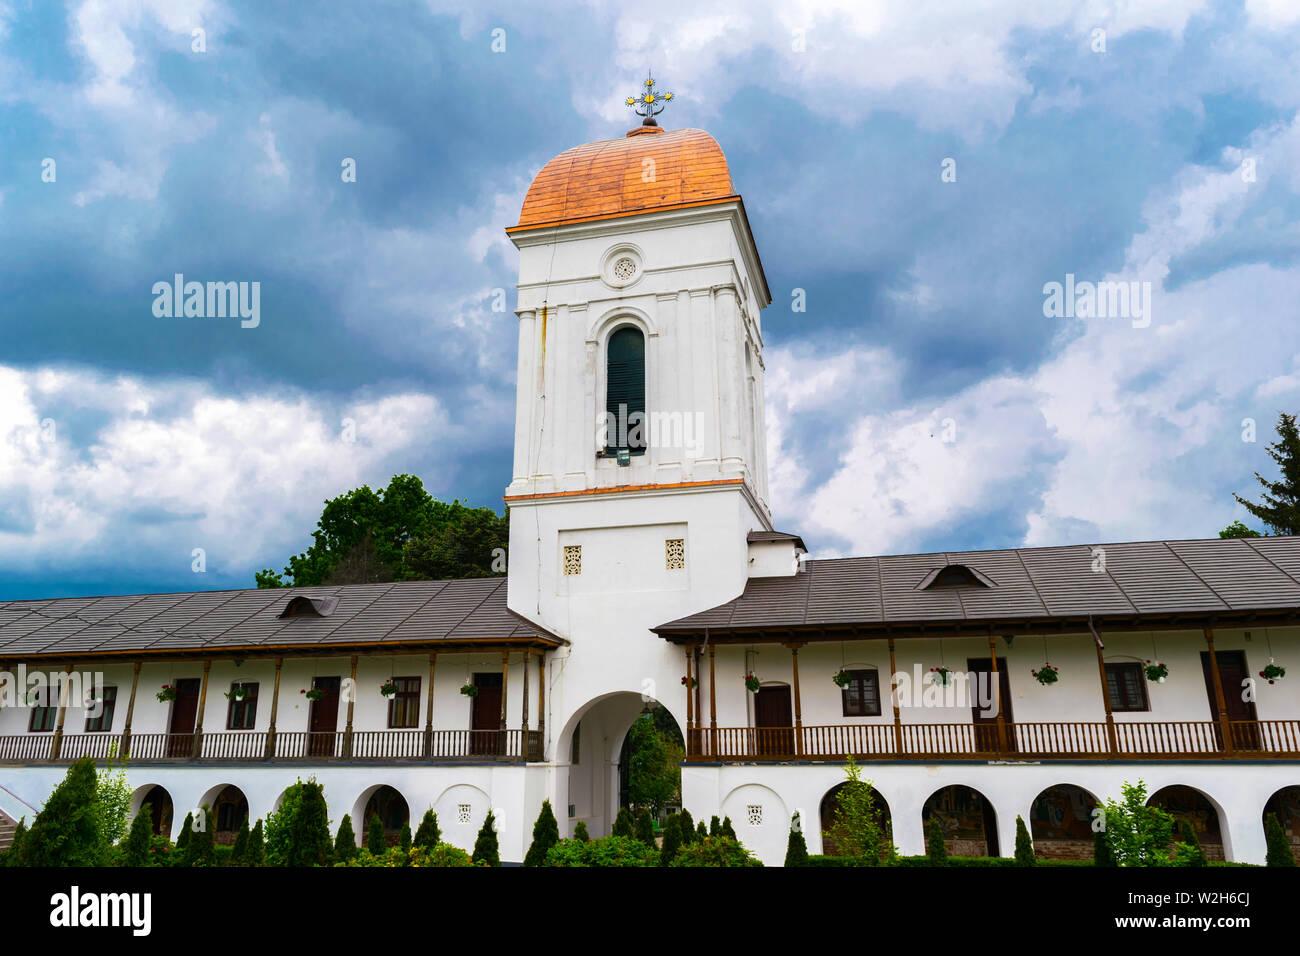 Ilfov, près de Bucarest, Roumanie - 30 Avril 2019: Entrée de cour monastère Cernica orthodoxe montrant le clocher de l'édifice. Banque D'Images